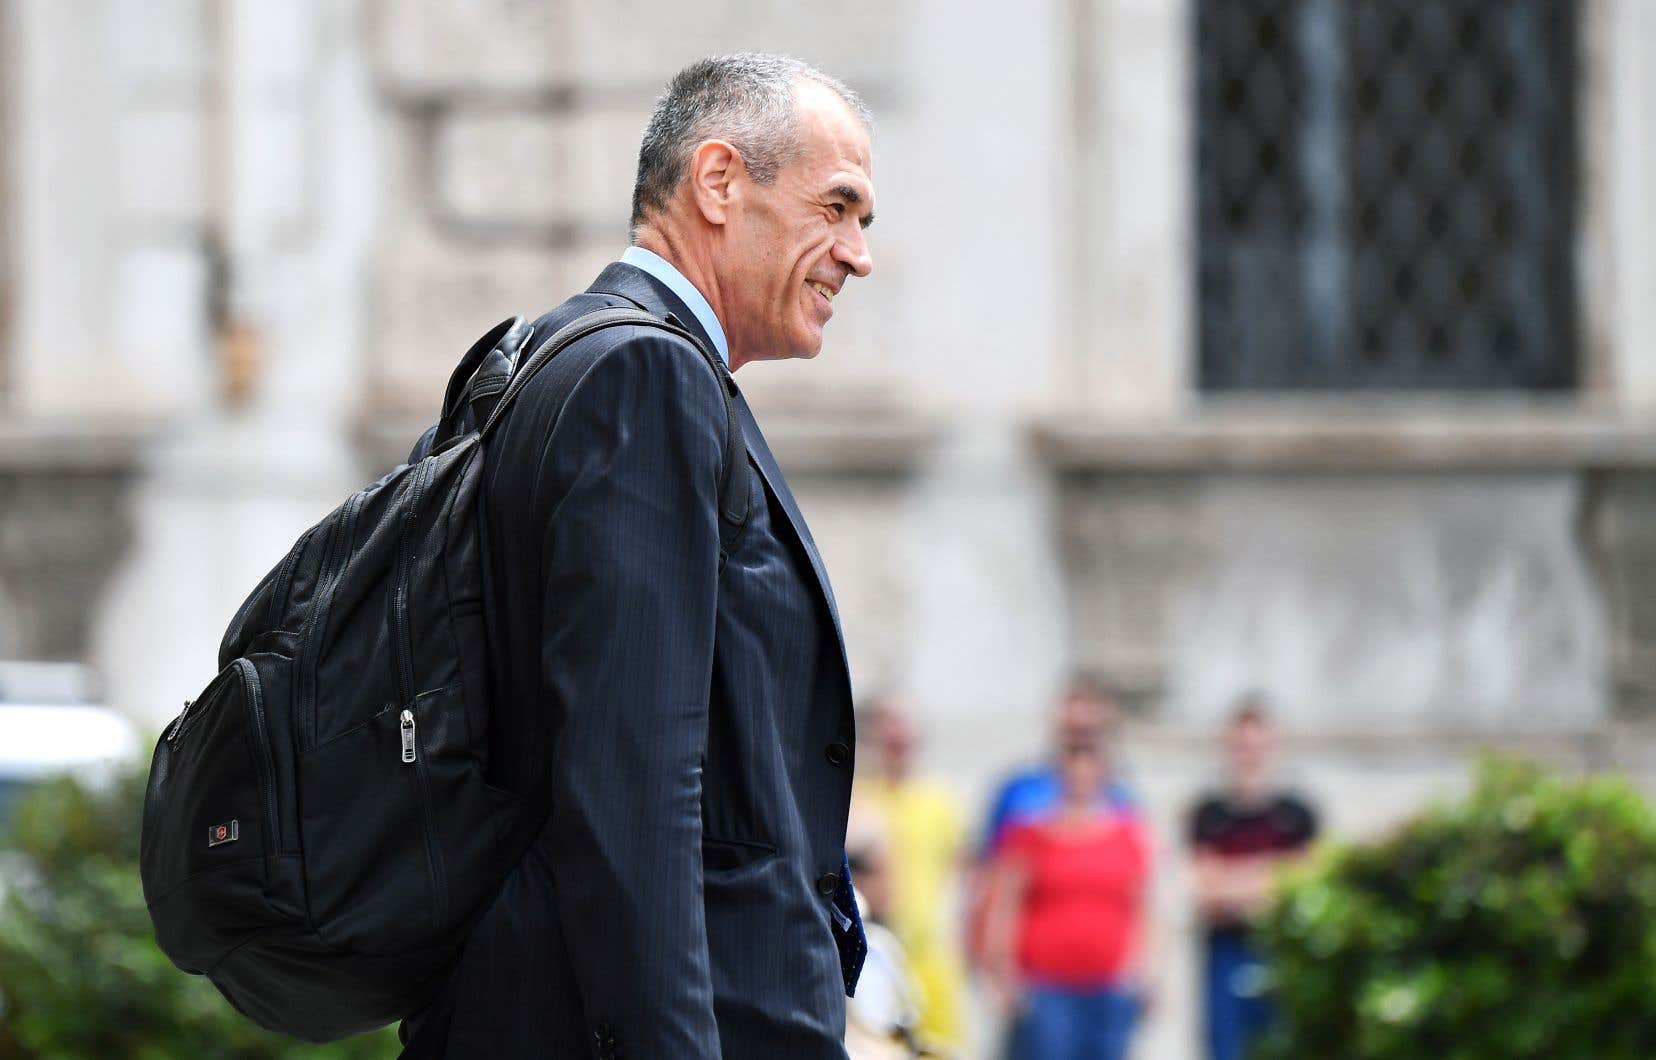 L'économiste italien Carlo Cottarelli quittant le palais présidentiel, lundi